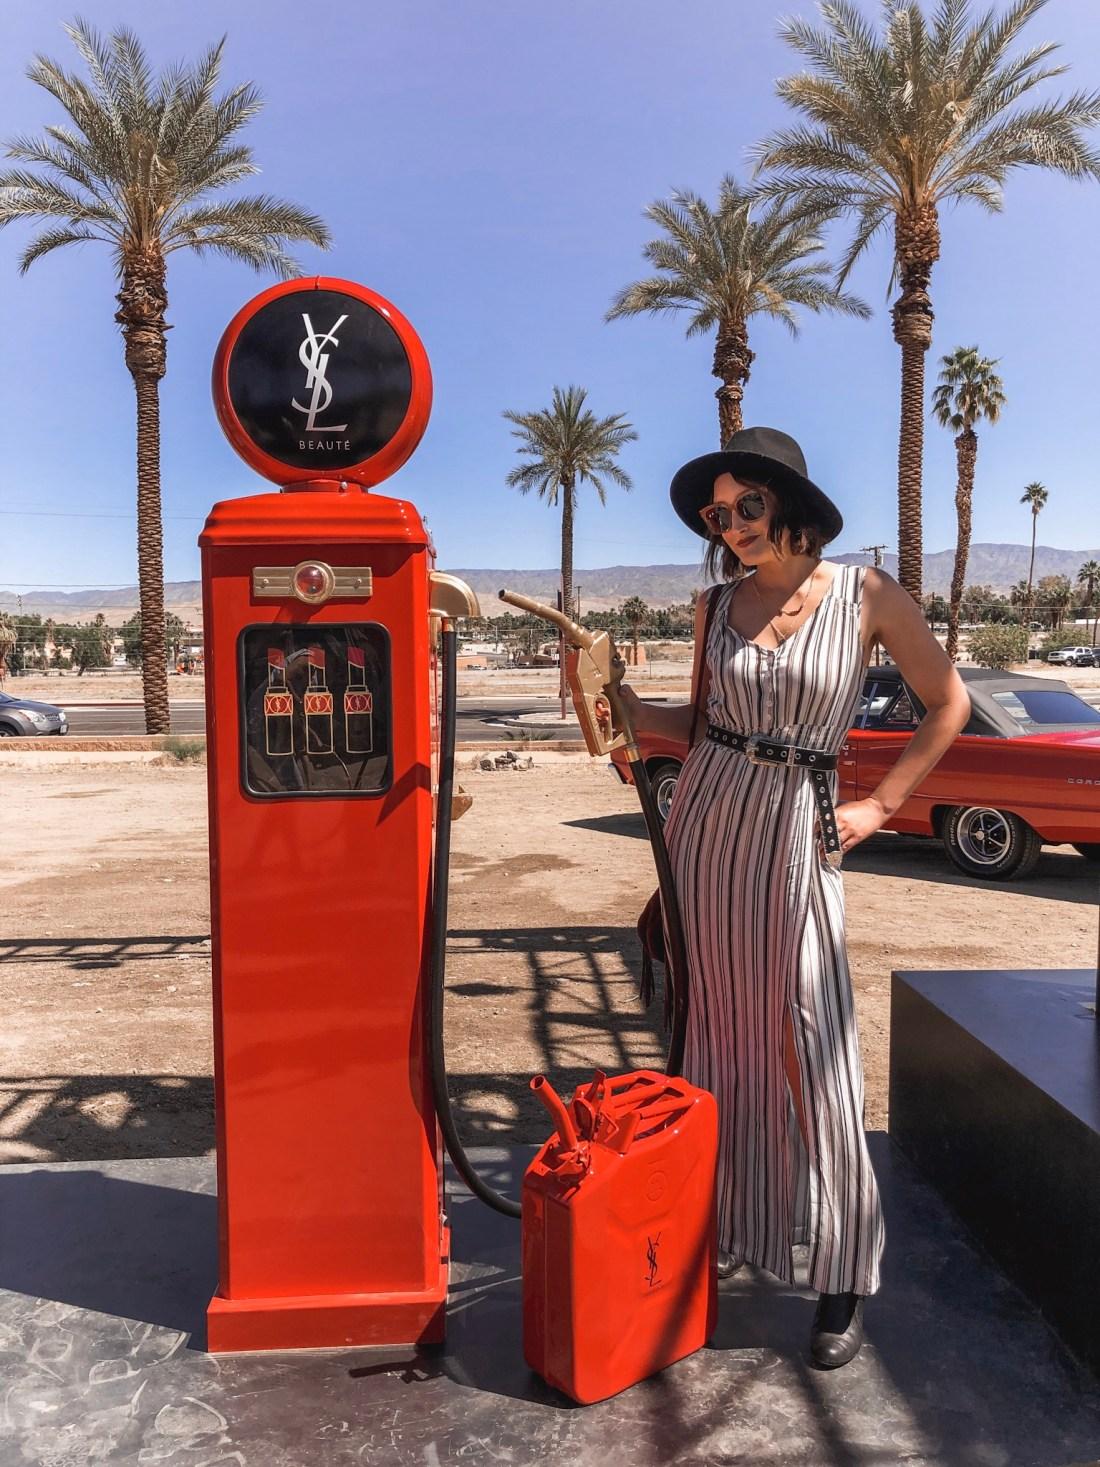 YSL Beauty Station Popup Coachella   A Good Hue